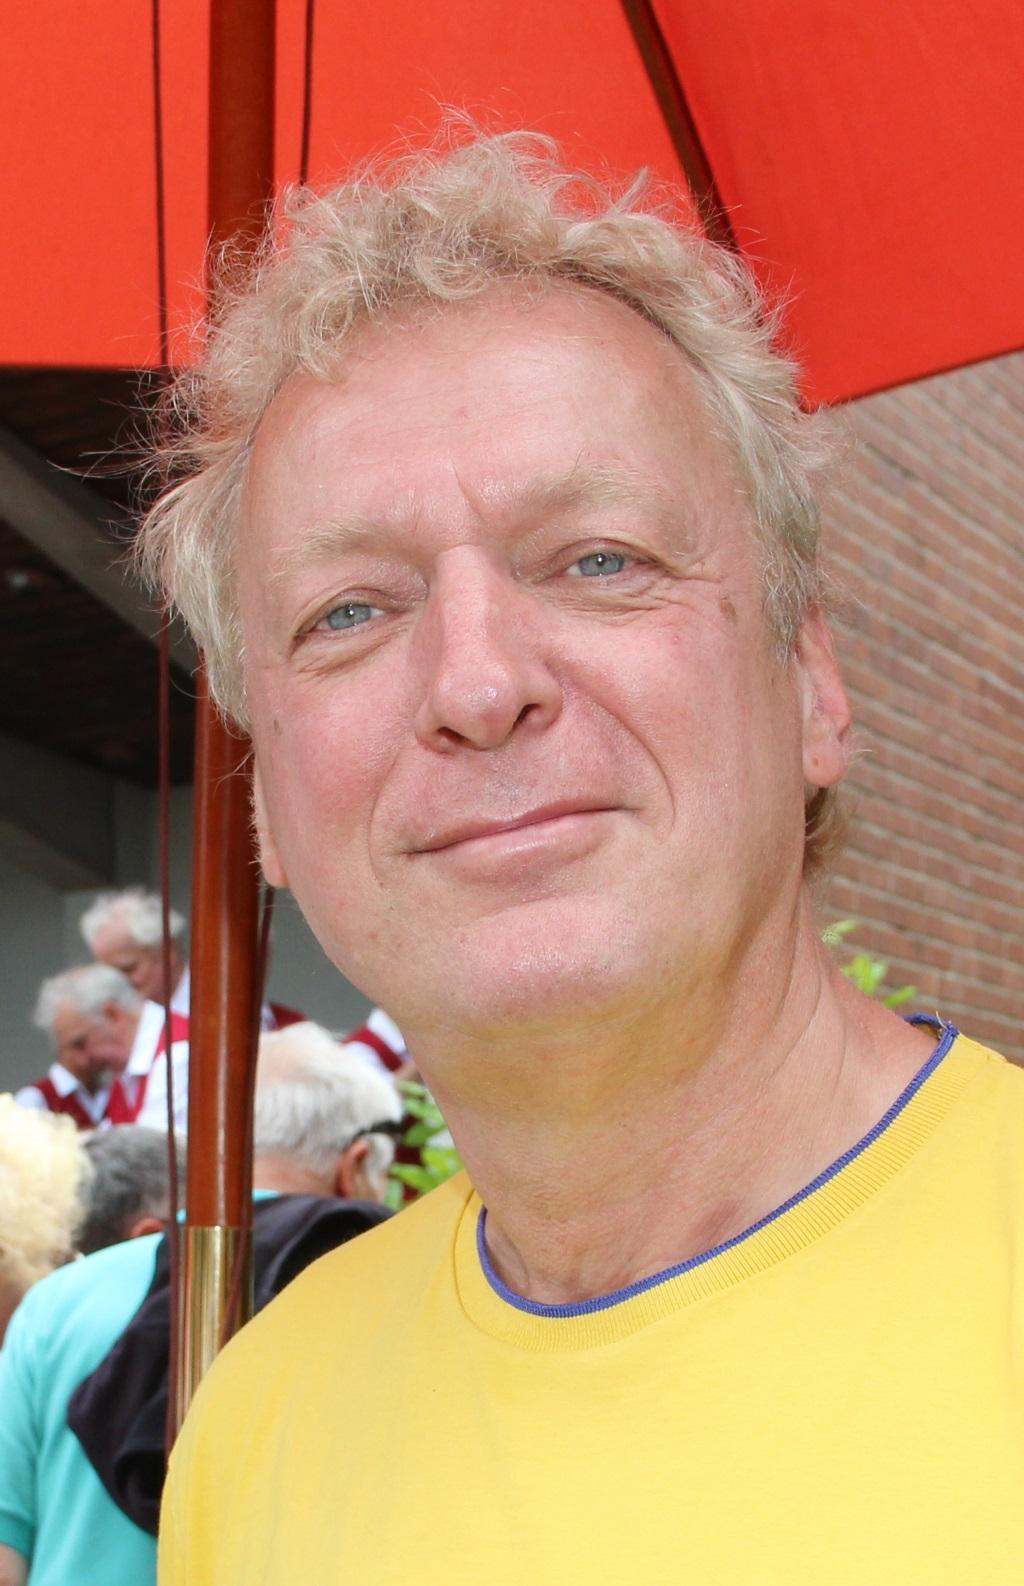 Organisator Manfred Hahn freut sich auf viele Besucher am kommenden Samstag. Außerdem würde er sich wünschen, wenn derartige Aktionen in Wald Schule machen. (Archivfoto: B. Glumm)